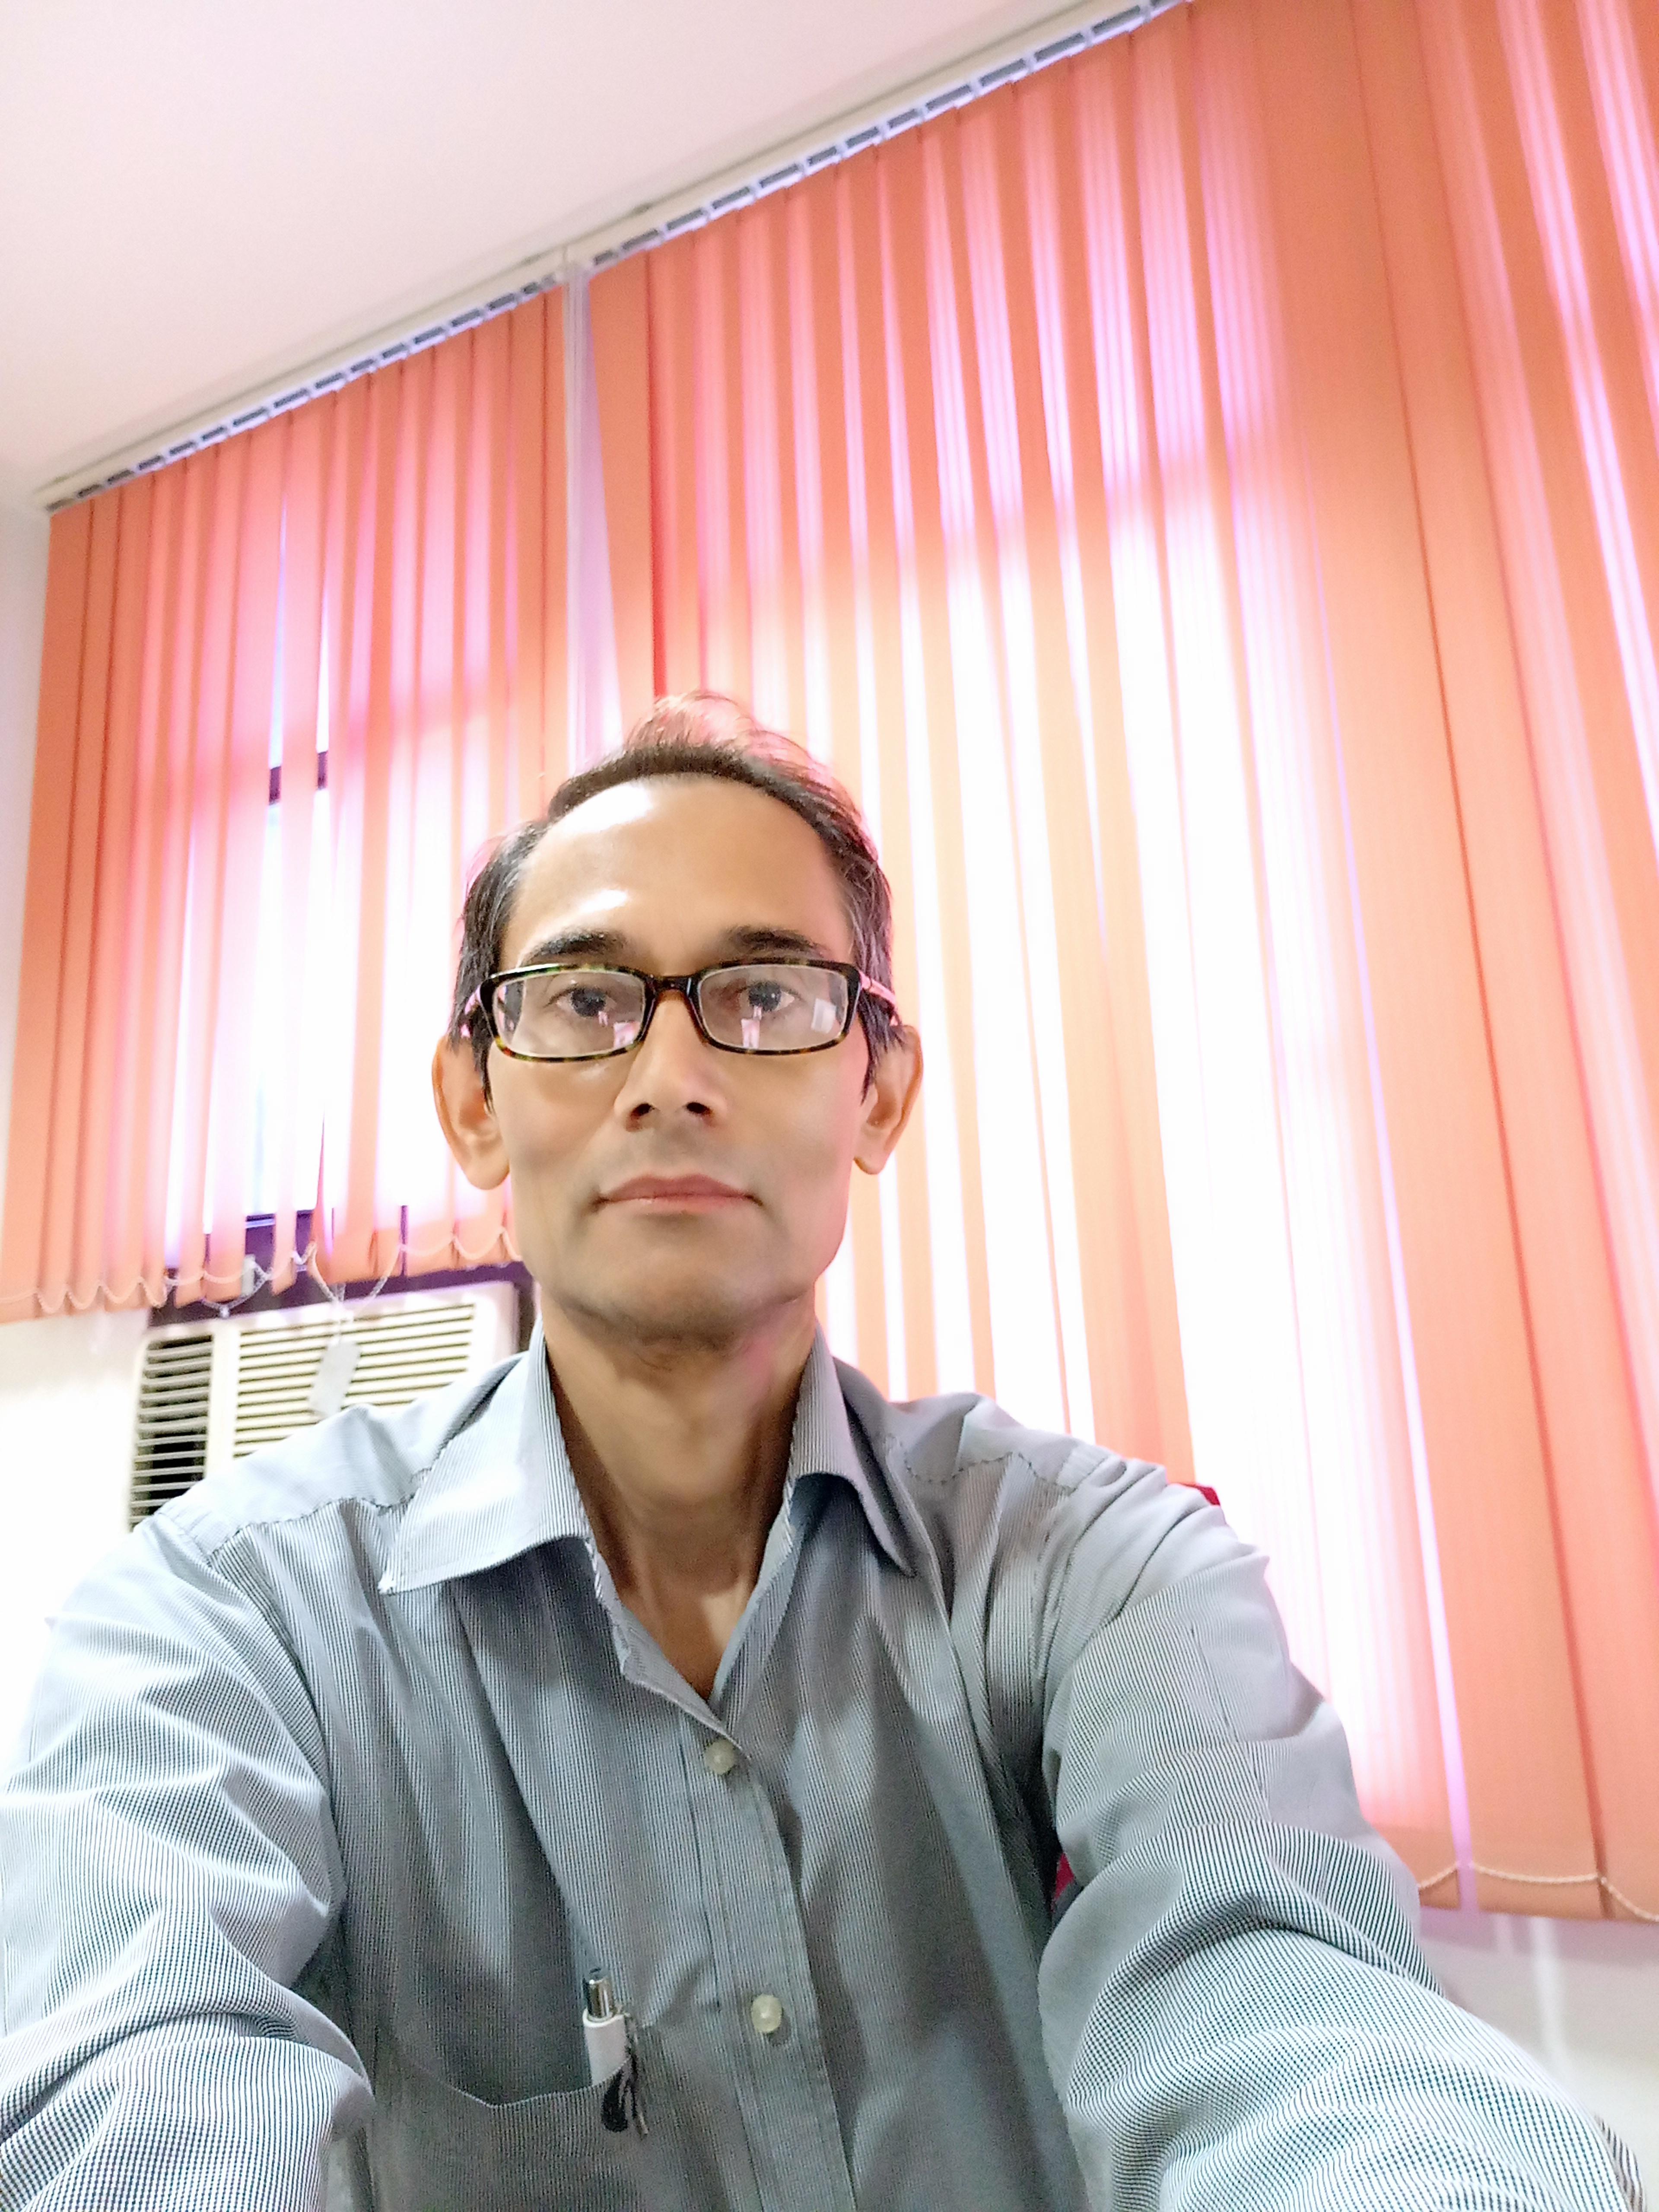 Dr. Brijesh C. Purohit